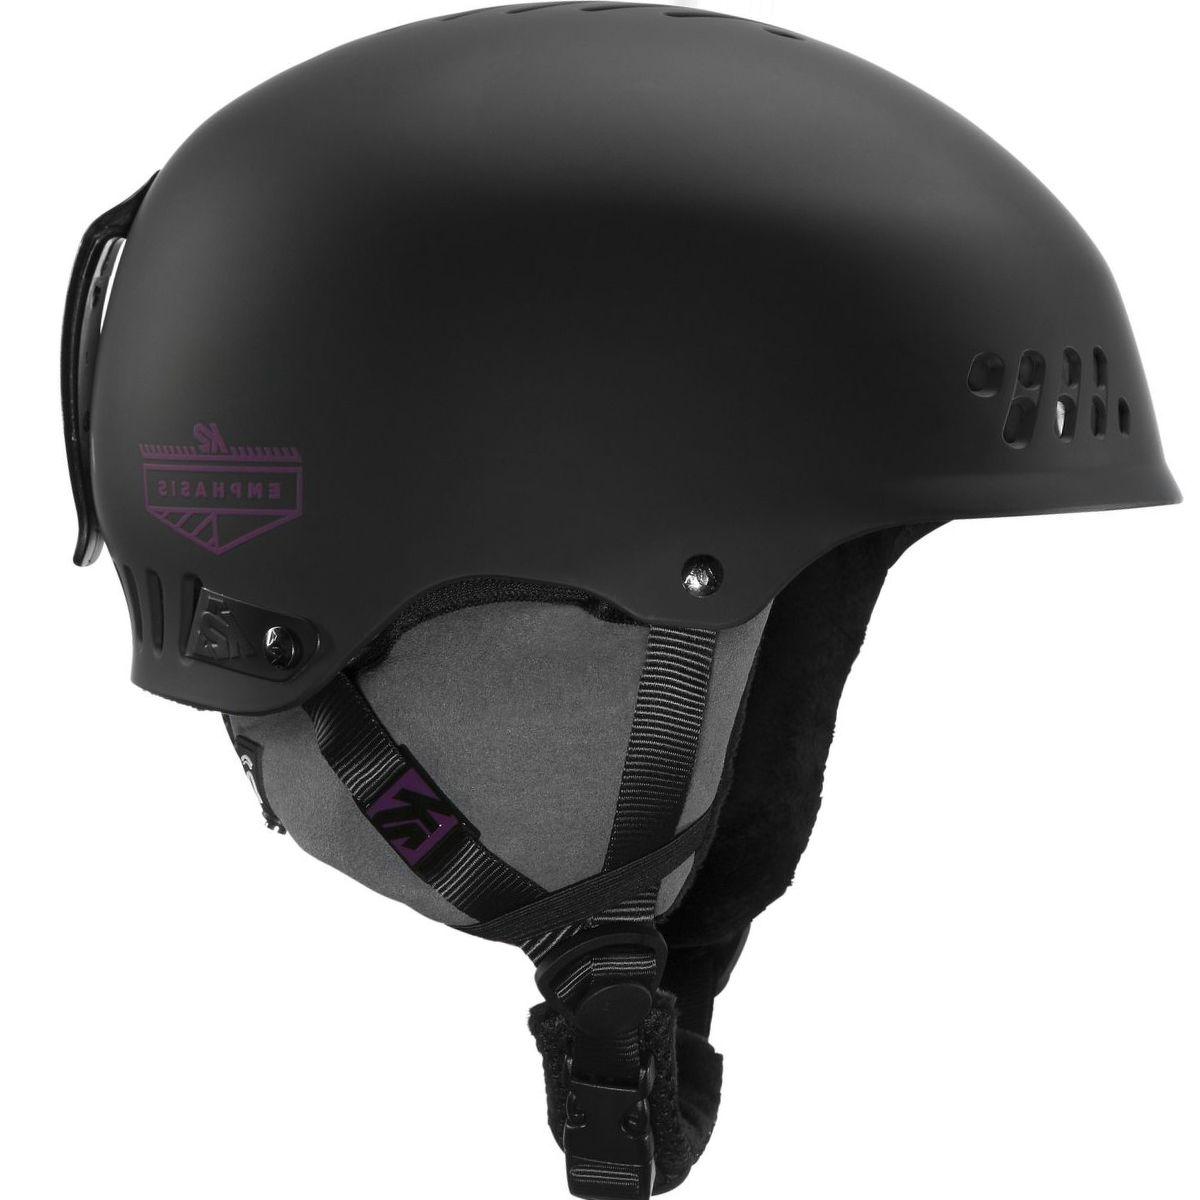 K2 Emphasis Helmet - Women's